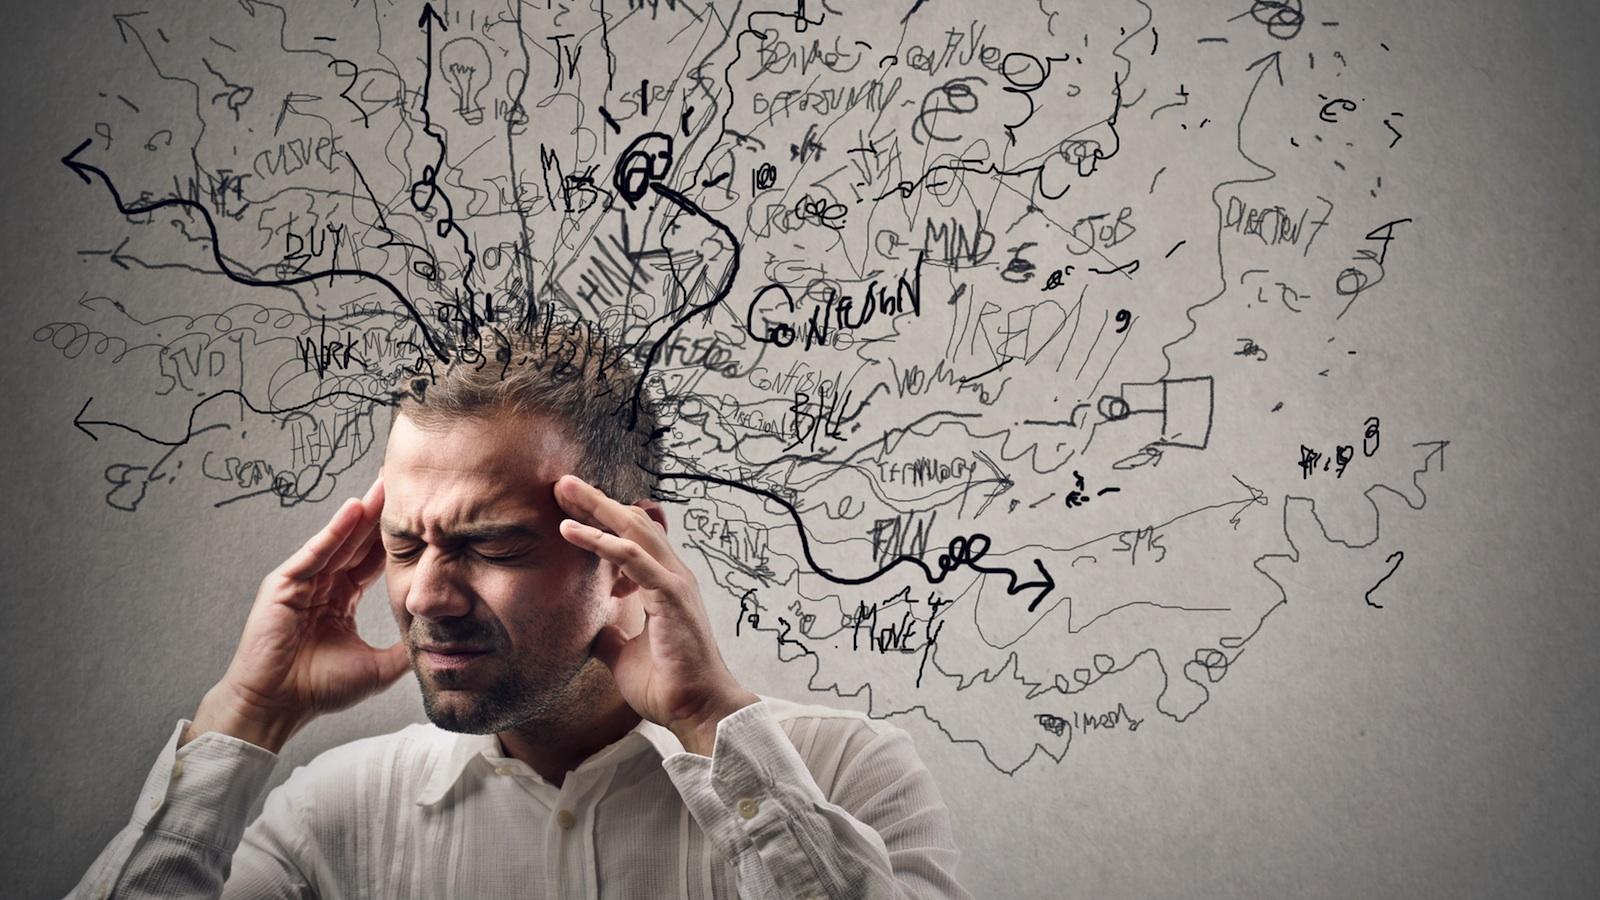 рекомендую как мысленно вызвать человека неисправностей устранение